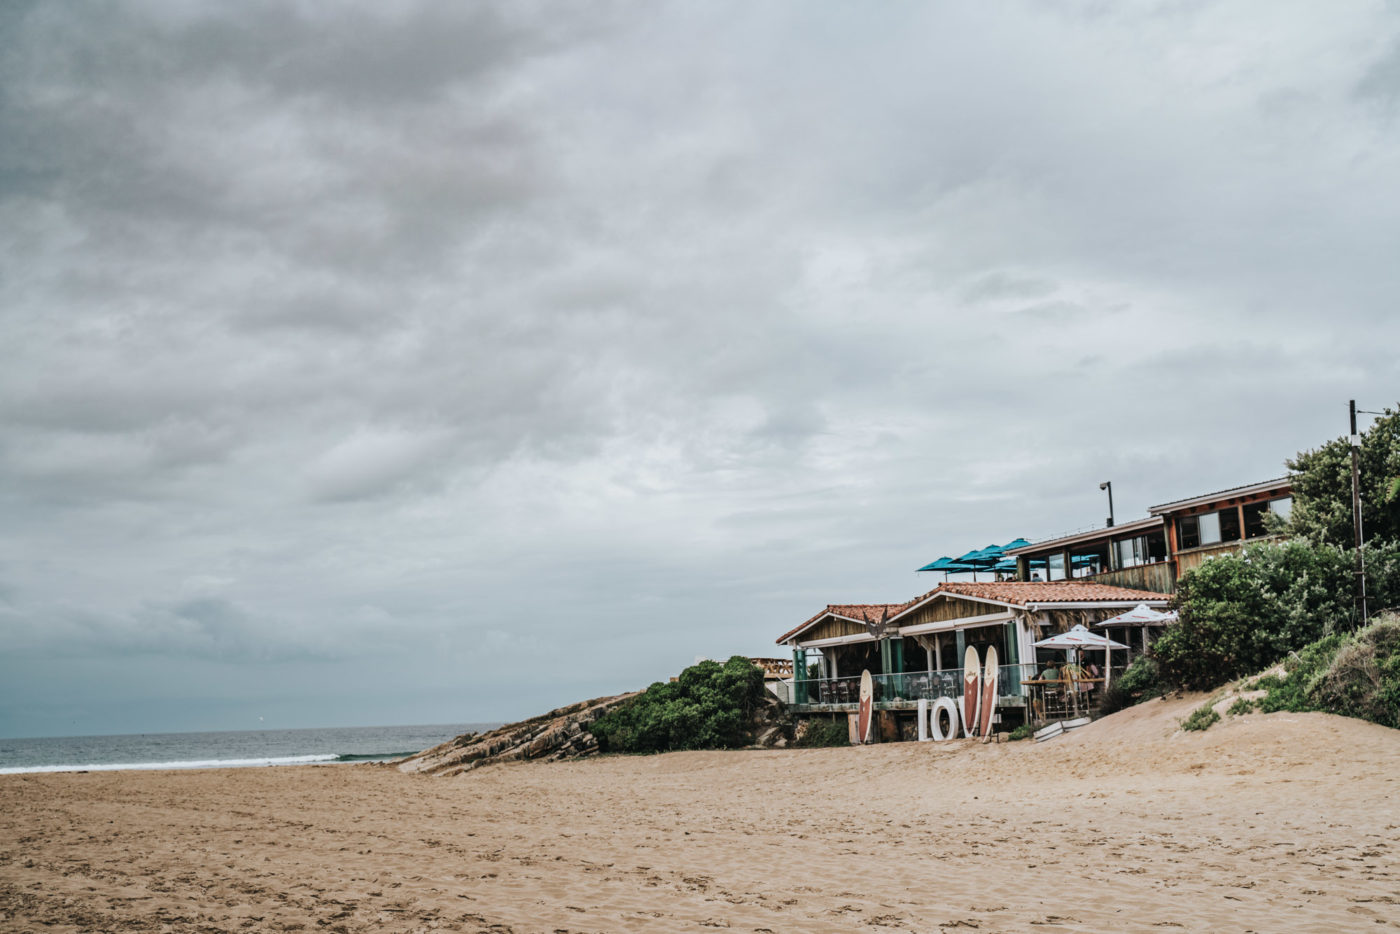 Lookout Beach, Plettenberg Bay, Garden Route